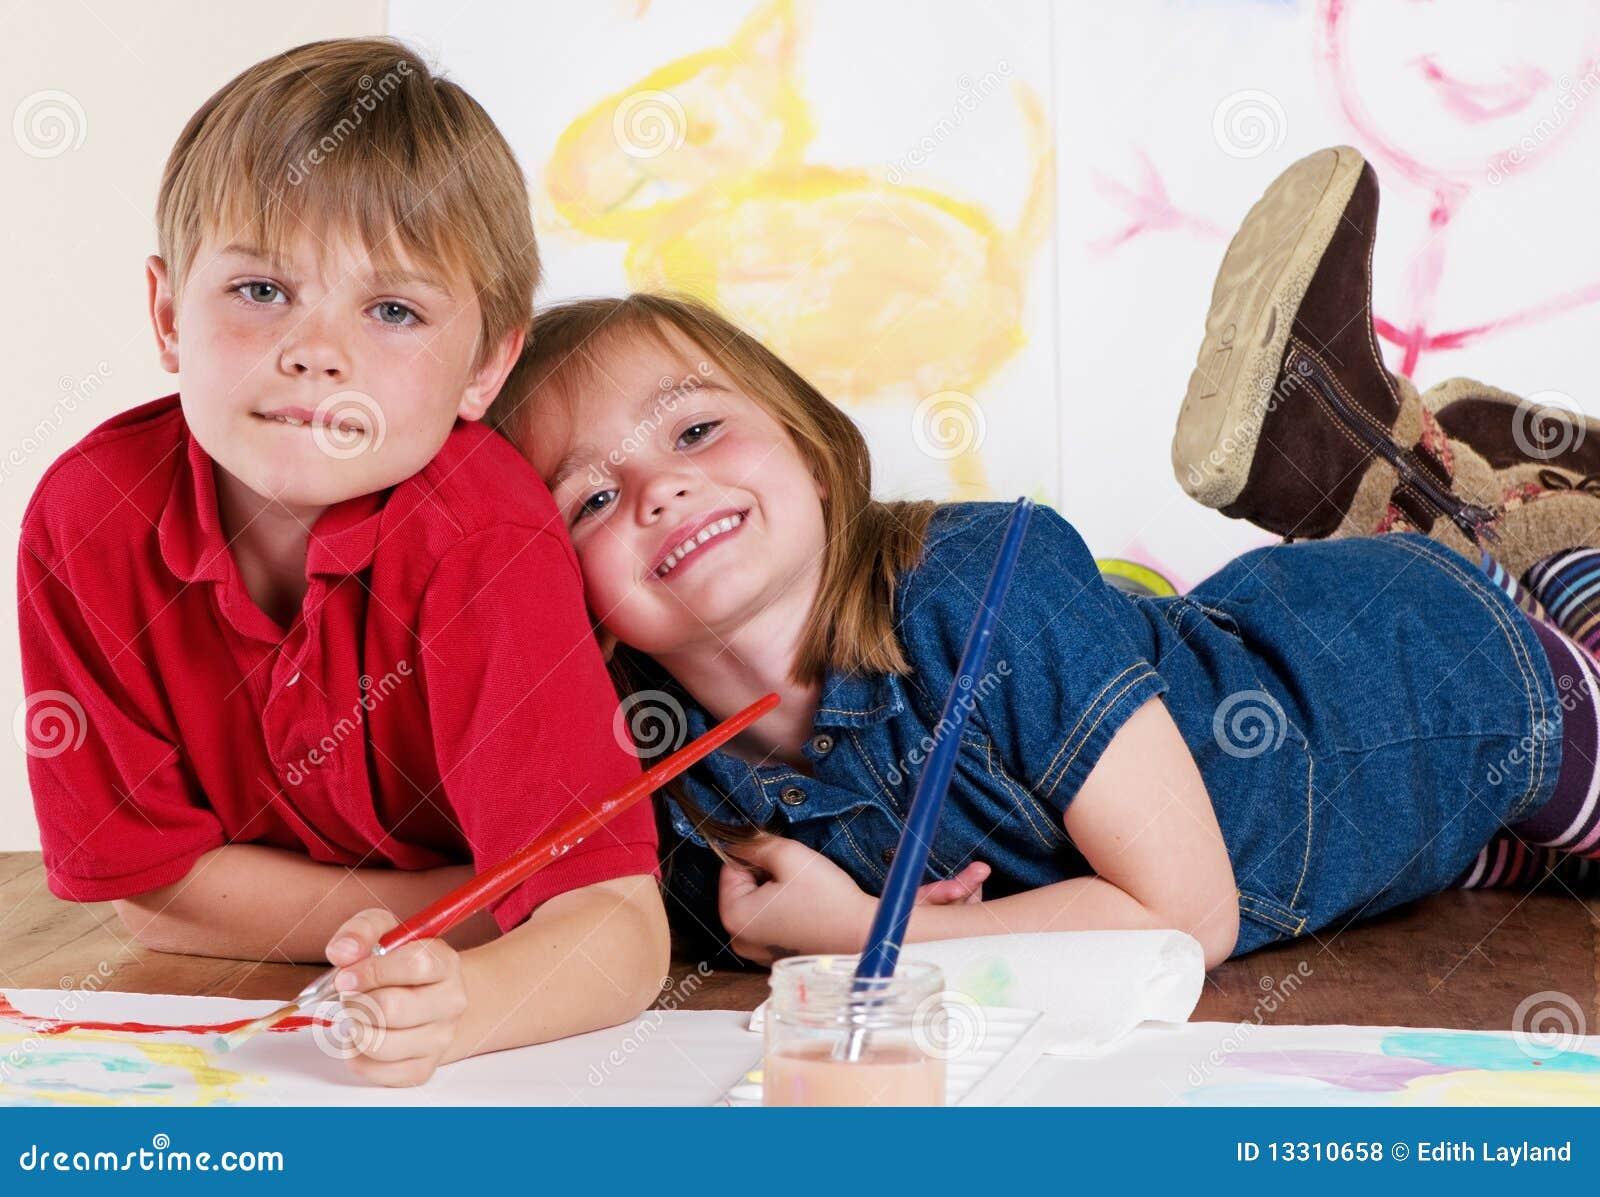 Kinder Die Kreative Kunst Malen Stockfoto Bild Von Kreative Kunst 13310658